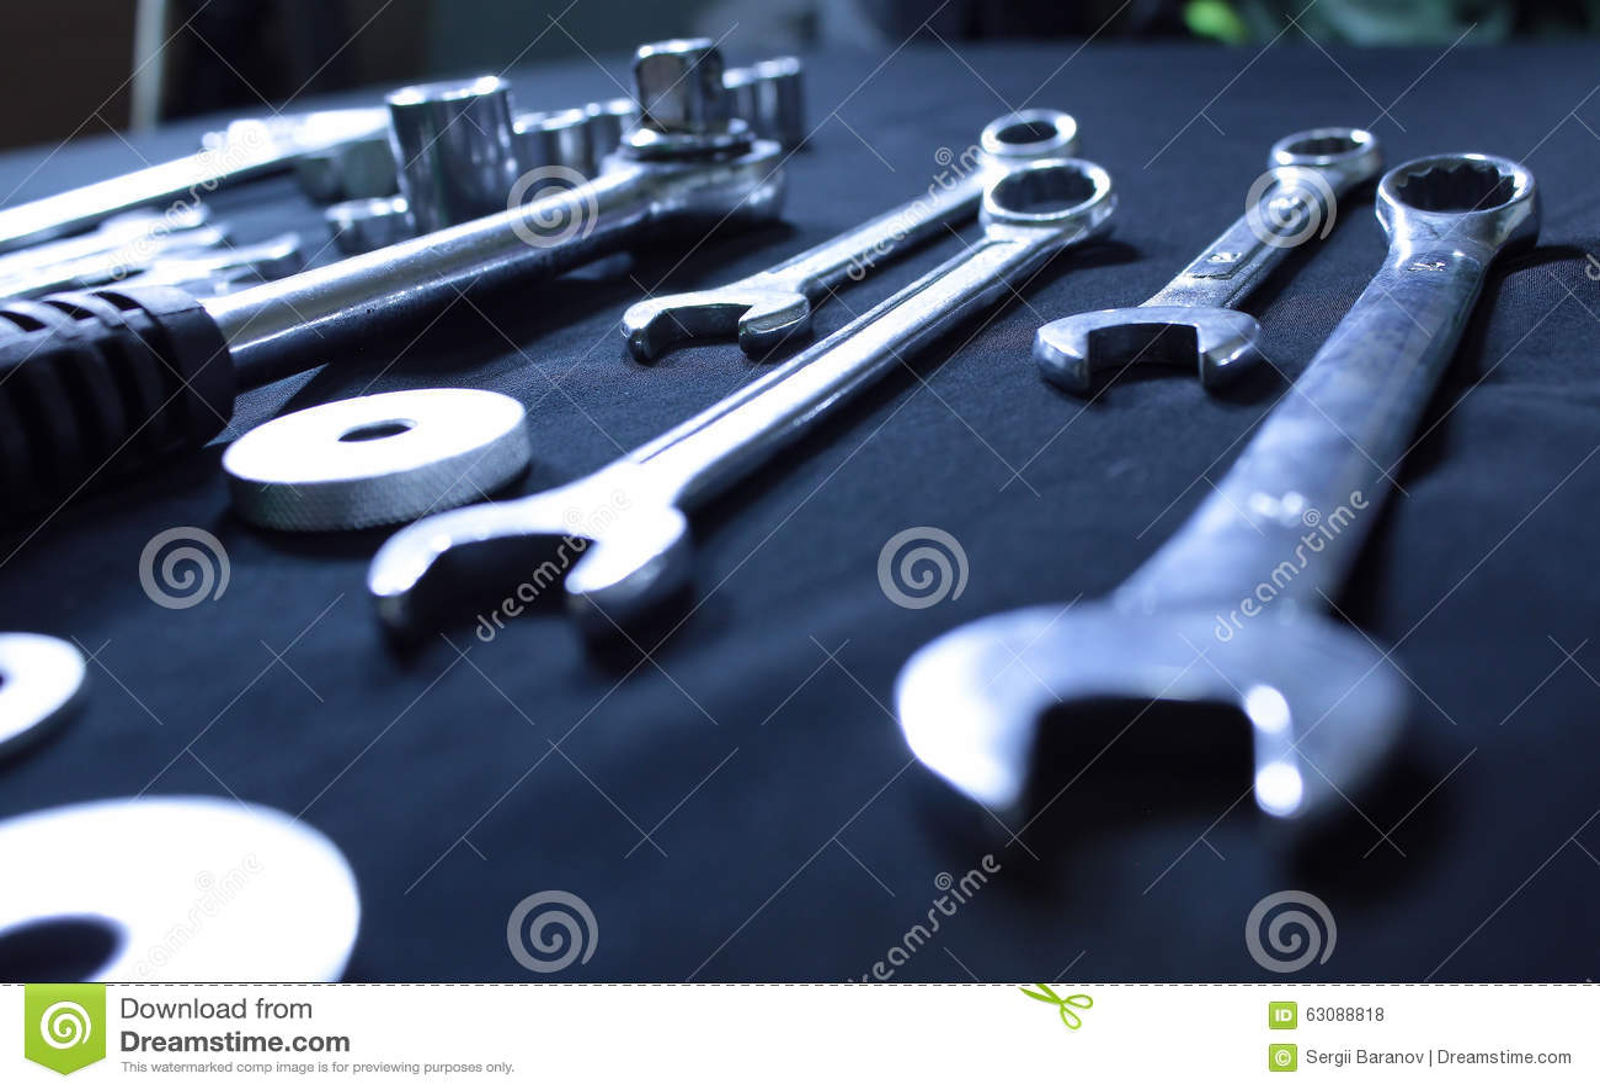 Download Trousse à Outils En Acier Avec Des Clés Et Des Clés Photo stock - Image du extrémité, outils: 63088818